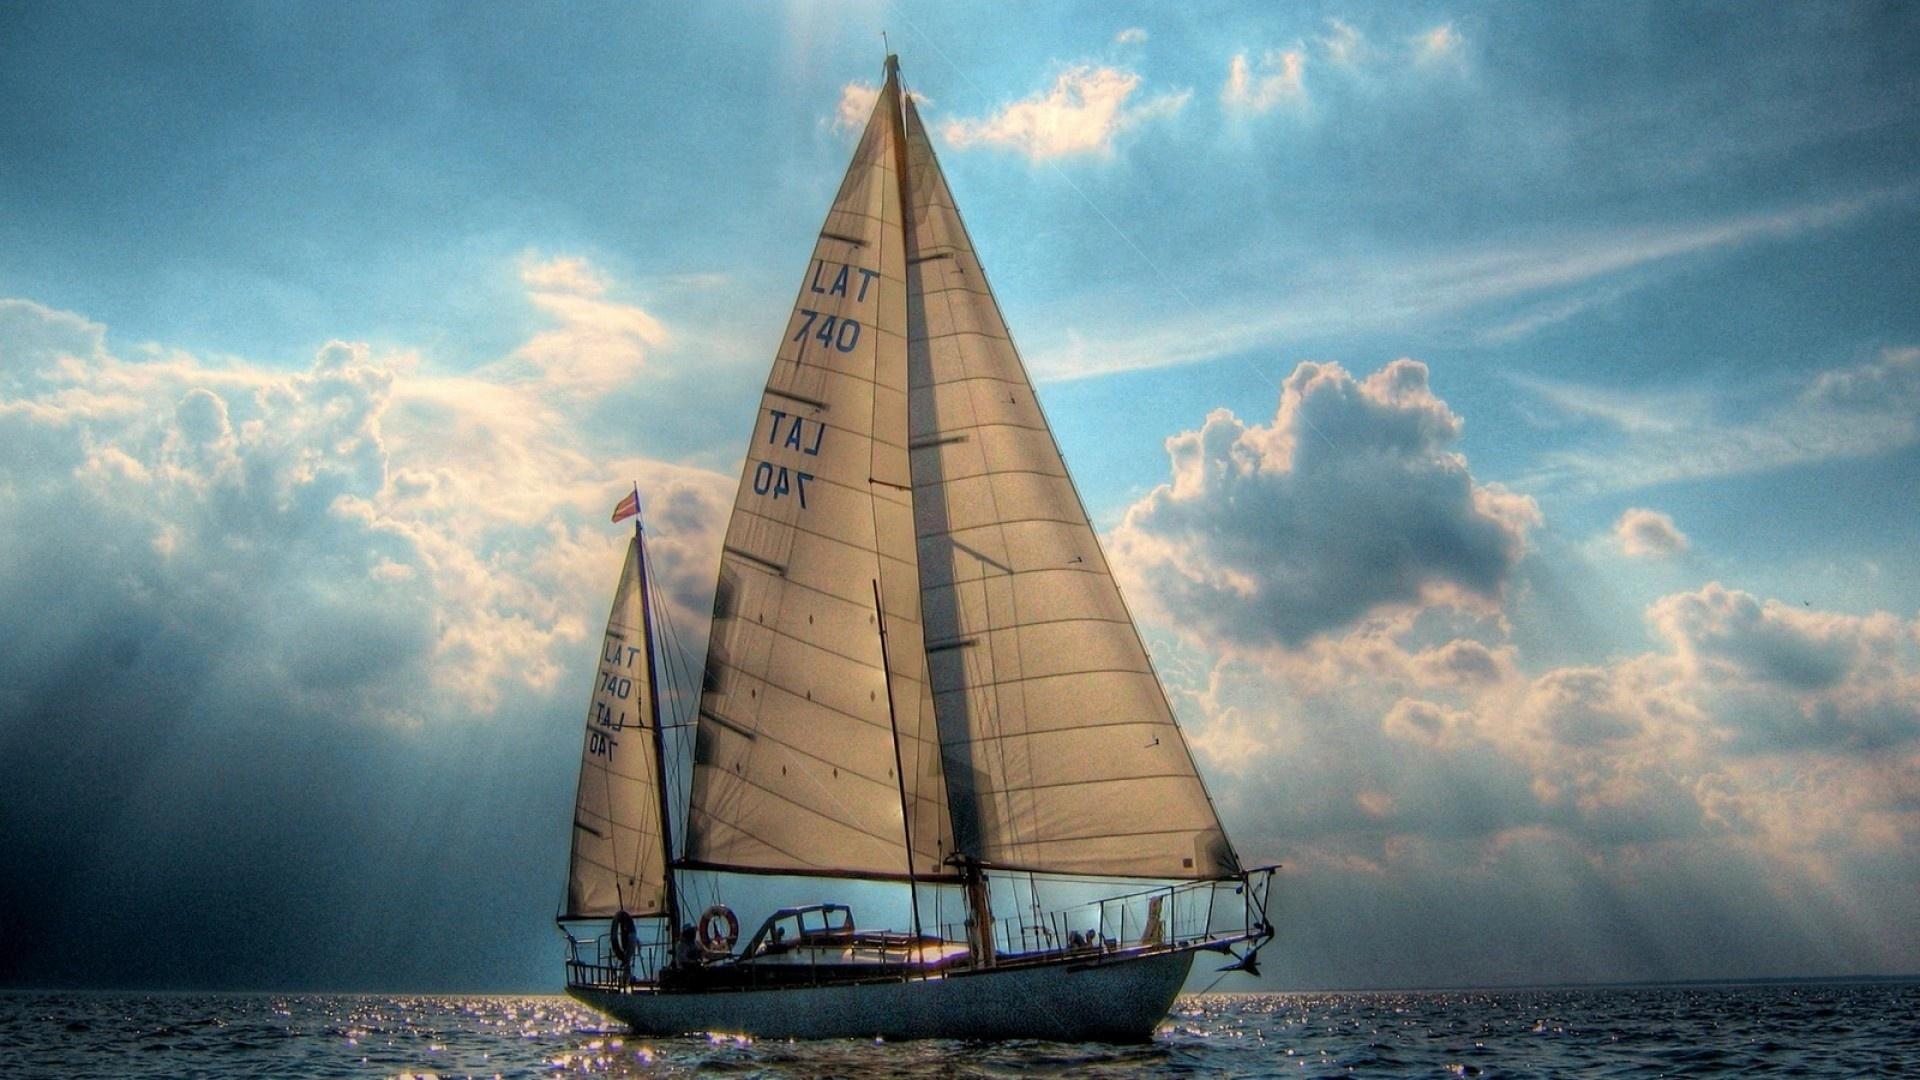 картинка яхта под парусами данные предметы